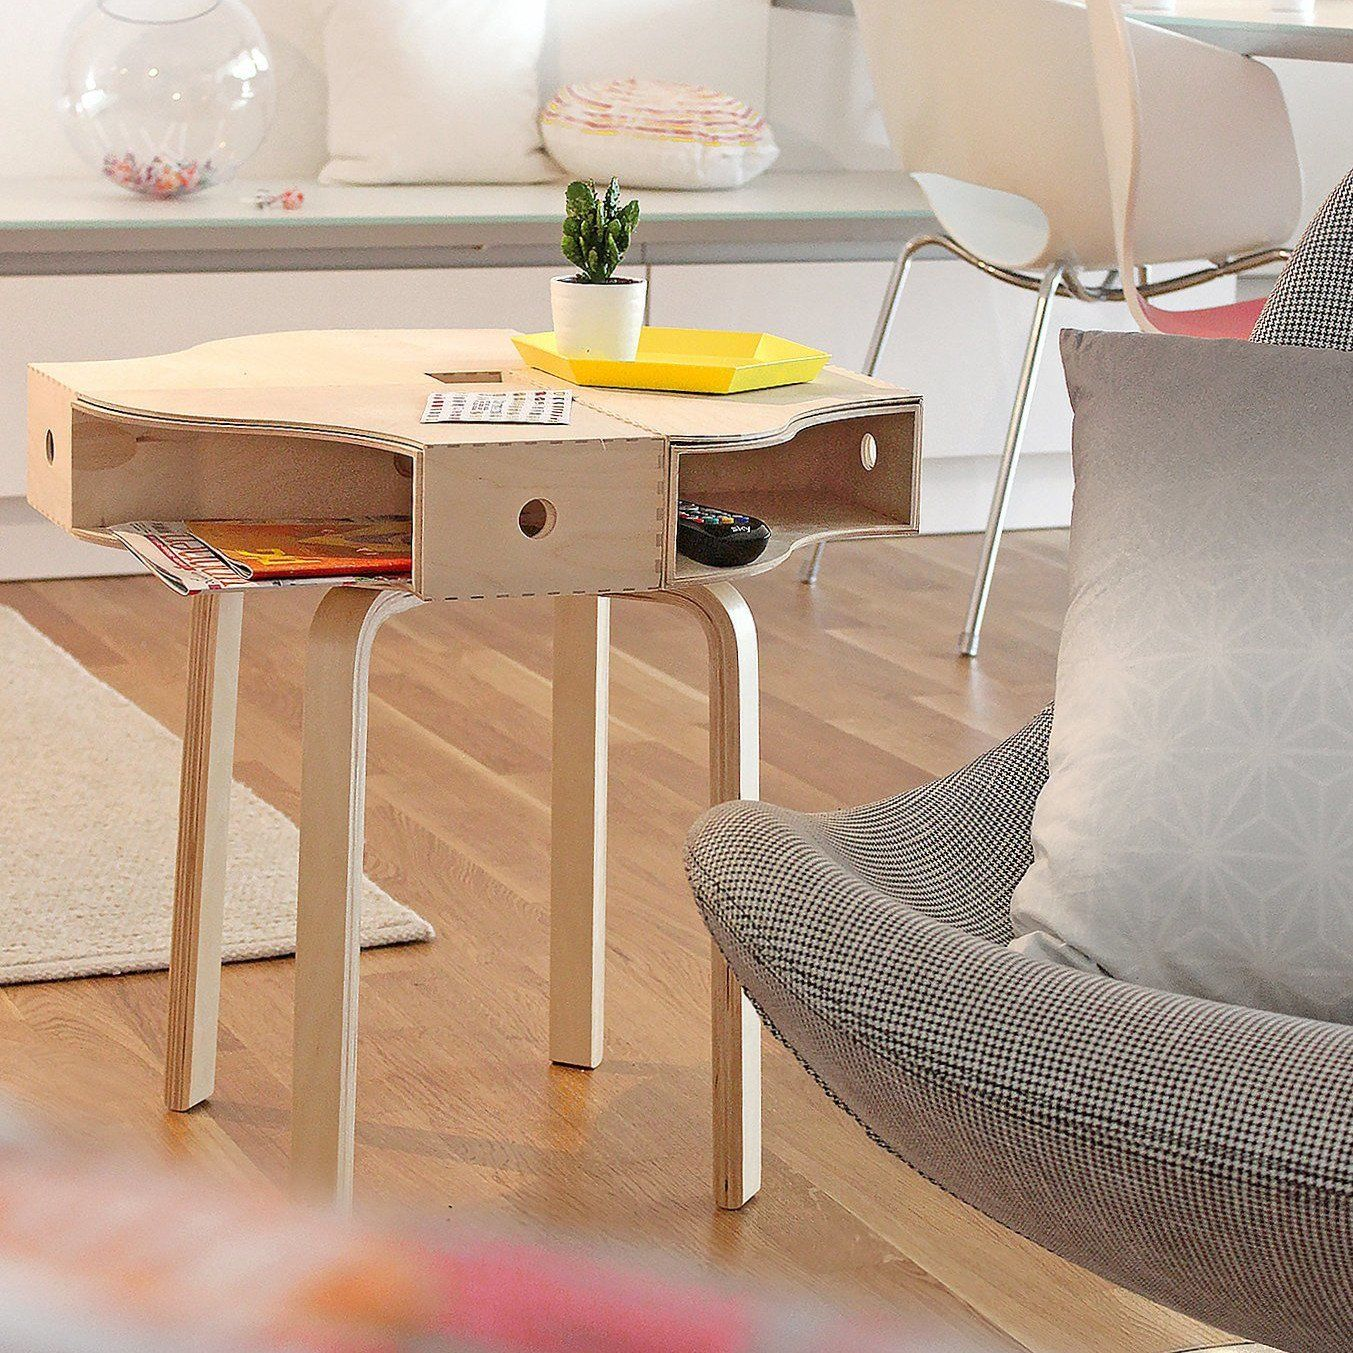 Full Size of Besten Ideen Fr Ikea Hacks Anrichte Küche Betten Bei Modulküche Kosten Miniküche Sofa Mit Schlaffunktion 160x200 Kaufen Wohnzimmer Anrichte Ikea